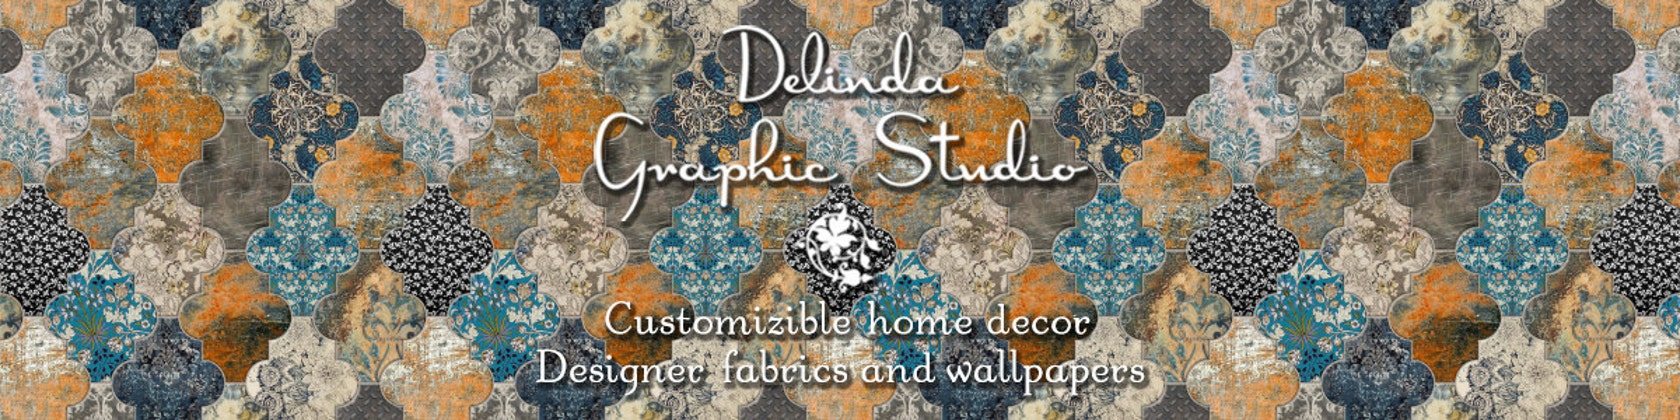 Customizable Home Decor And Apparel Di Delindagraphicstudio